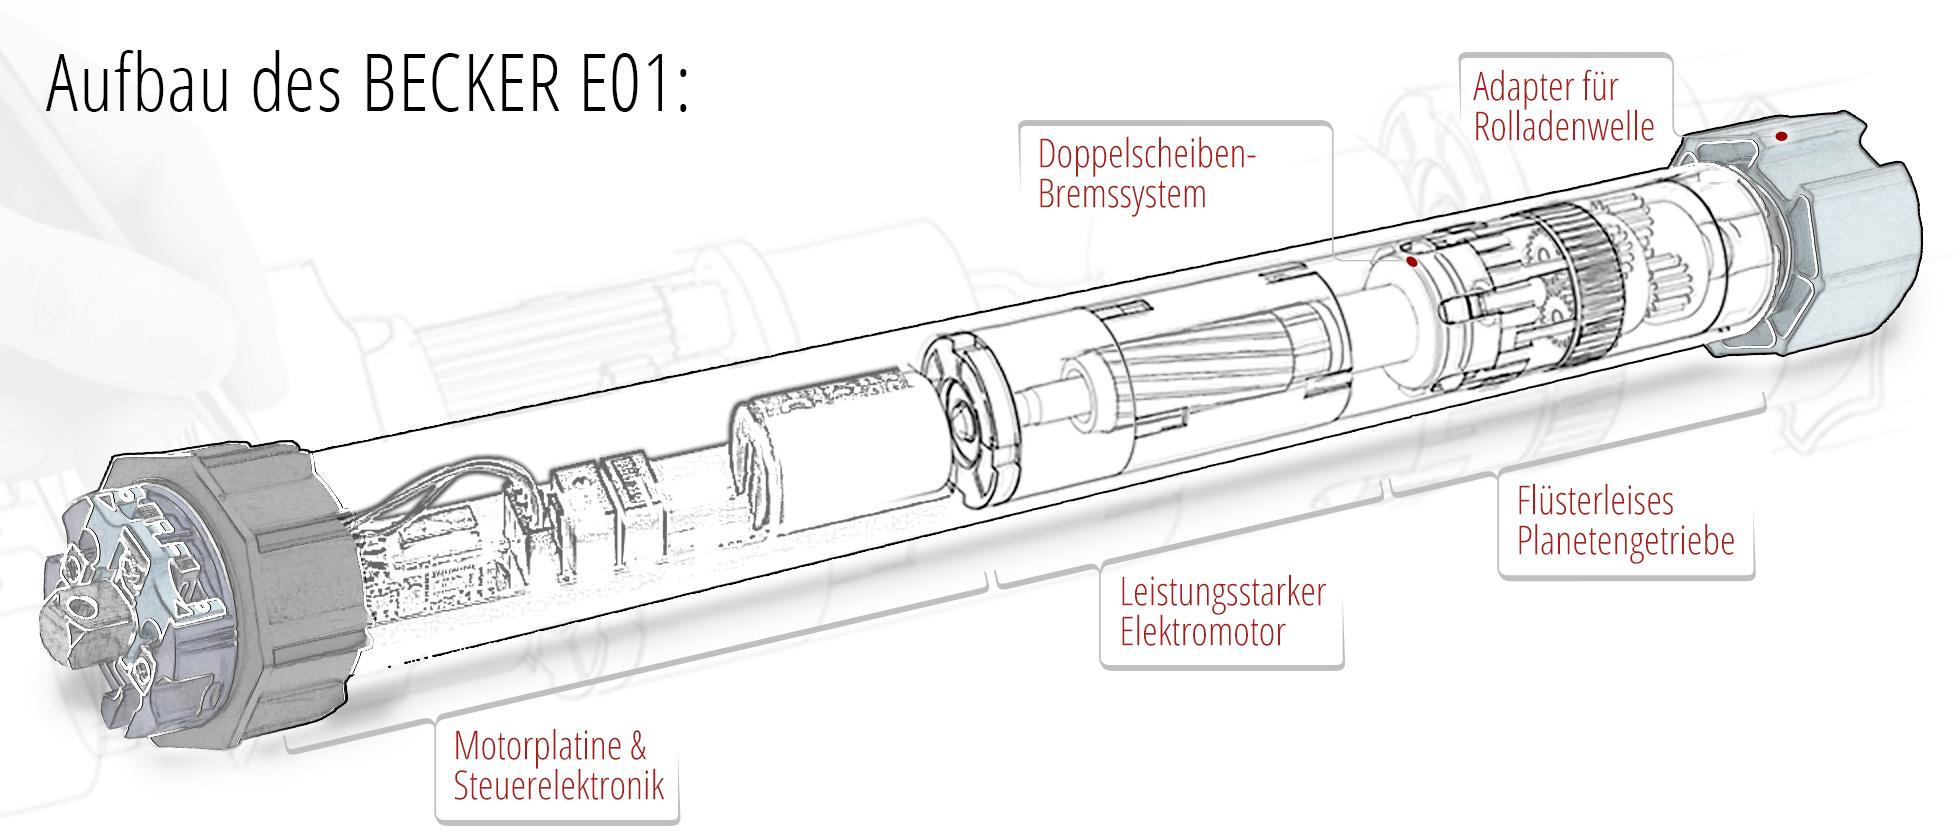 Aufbau BECKER E01 Rolladenmotor